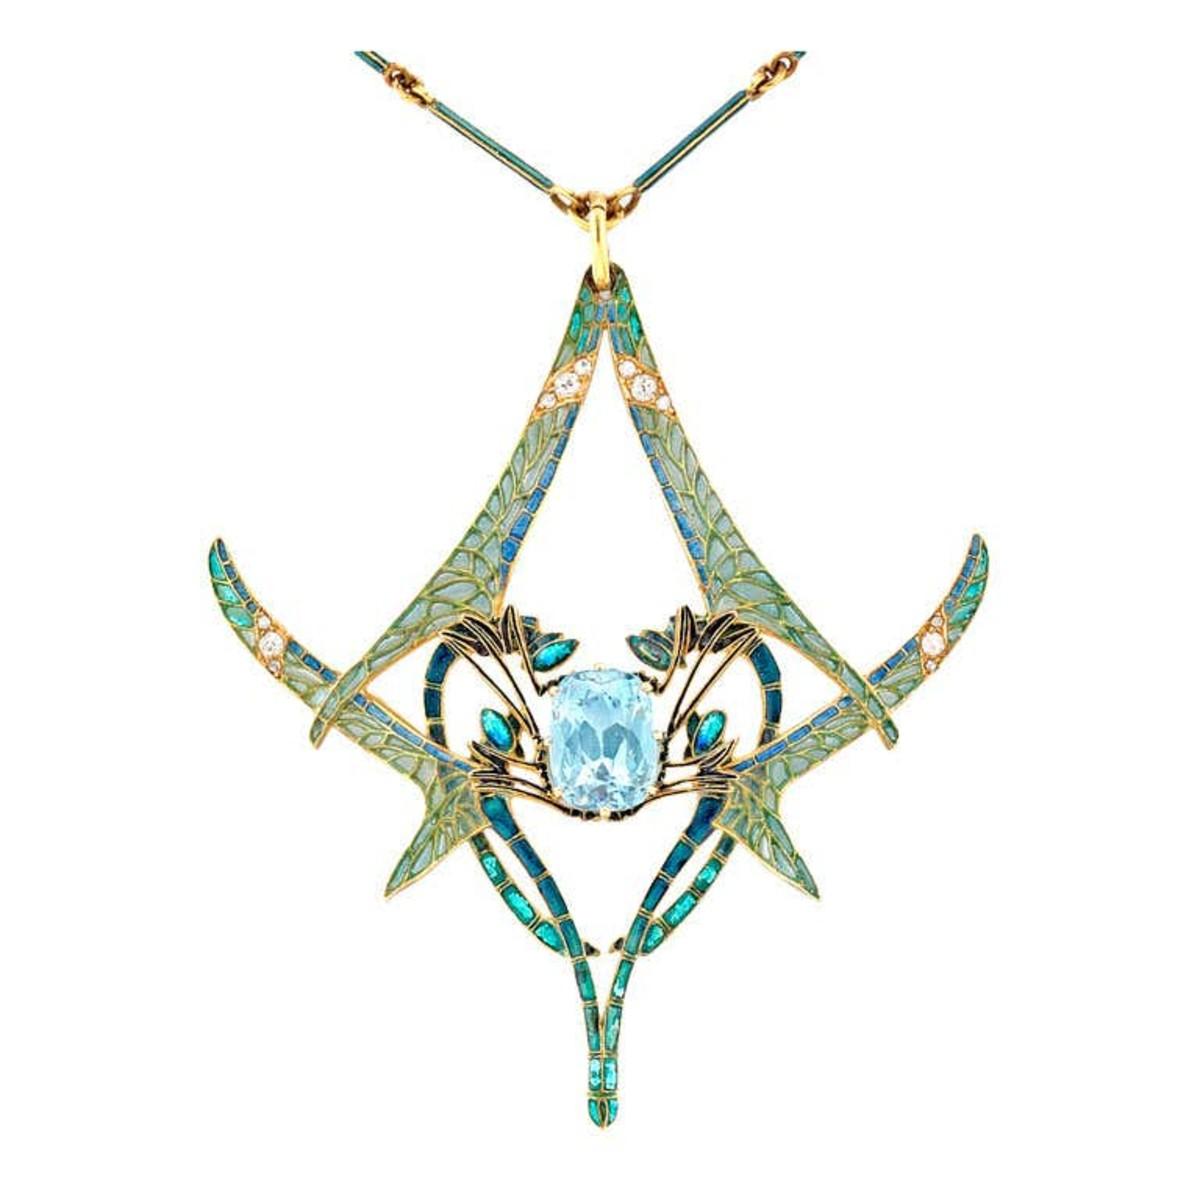 Lalique pendant featuring four dragonflies around an aquamarine stone, c. 1905; $275,152.